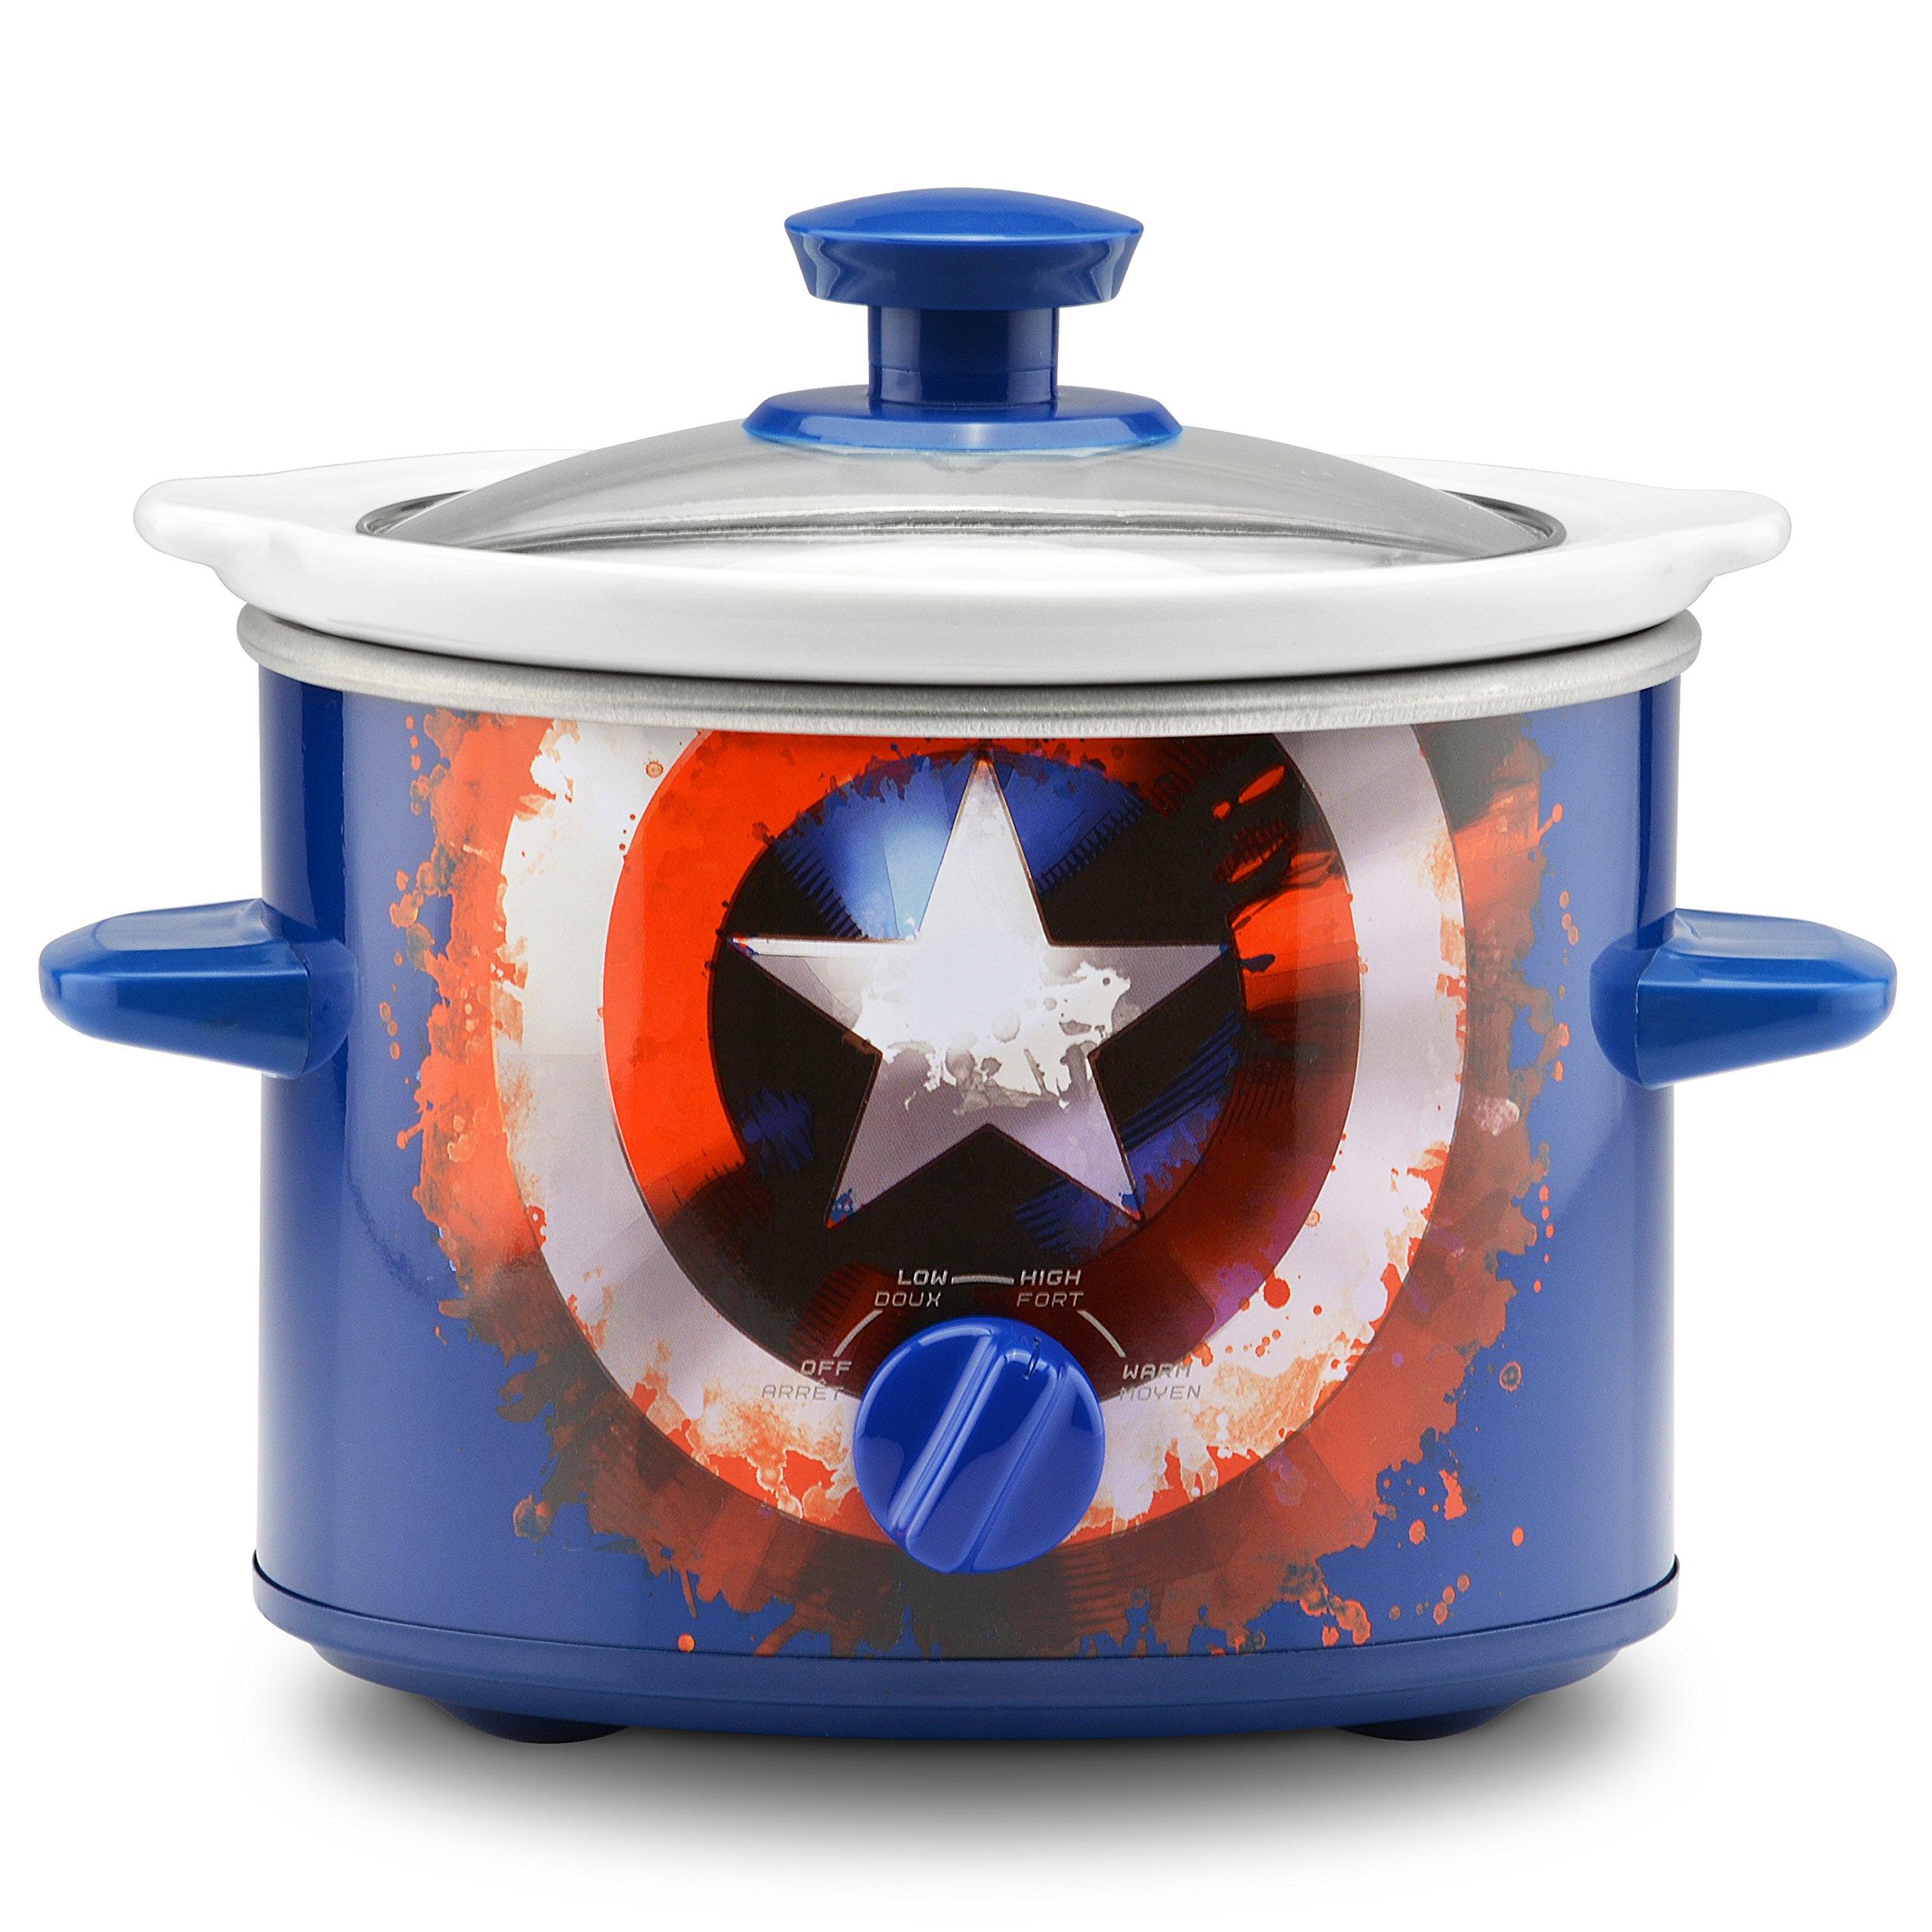 Marvel Captain America Shield 2-Quart Slow Cooker